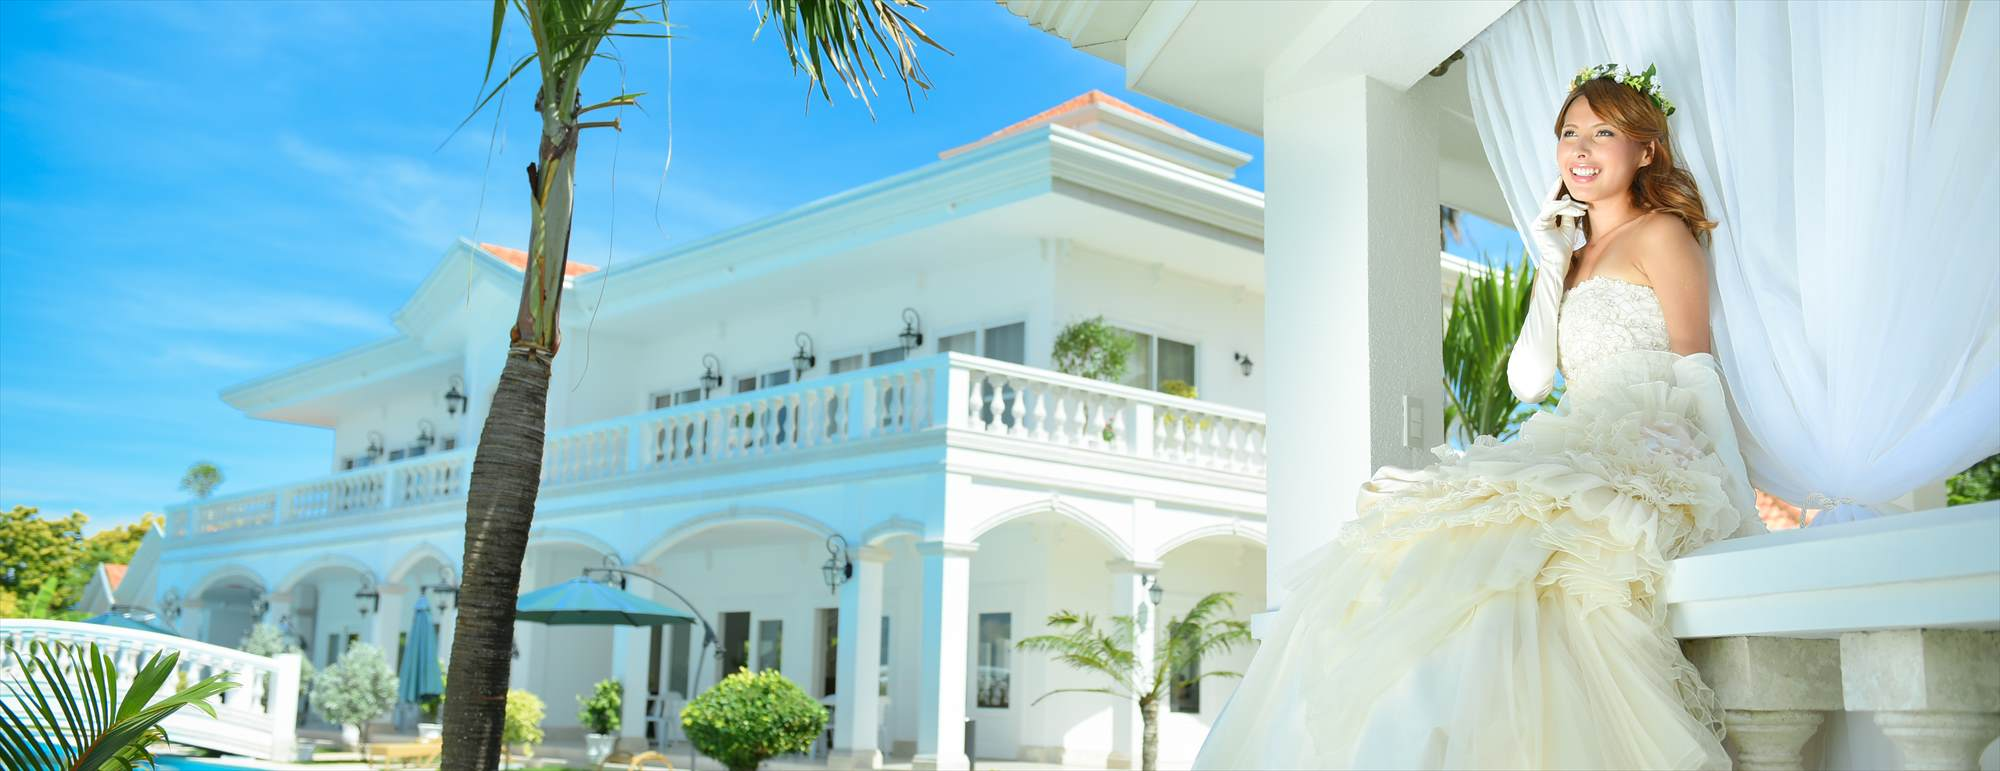 セブ島・邸宅ウェディングCasa Blanca by the Sea Wedding~カサ・ブランカ・バイ・ザ・シー挙式